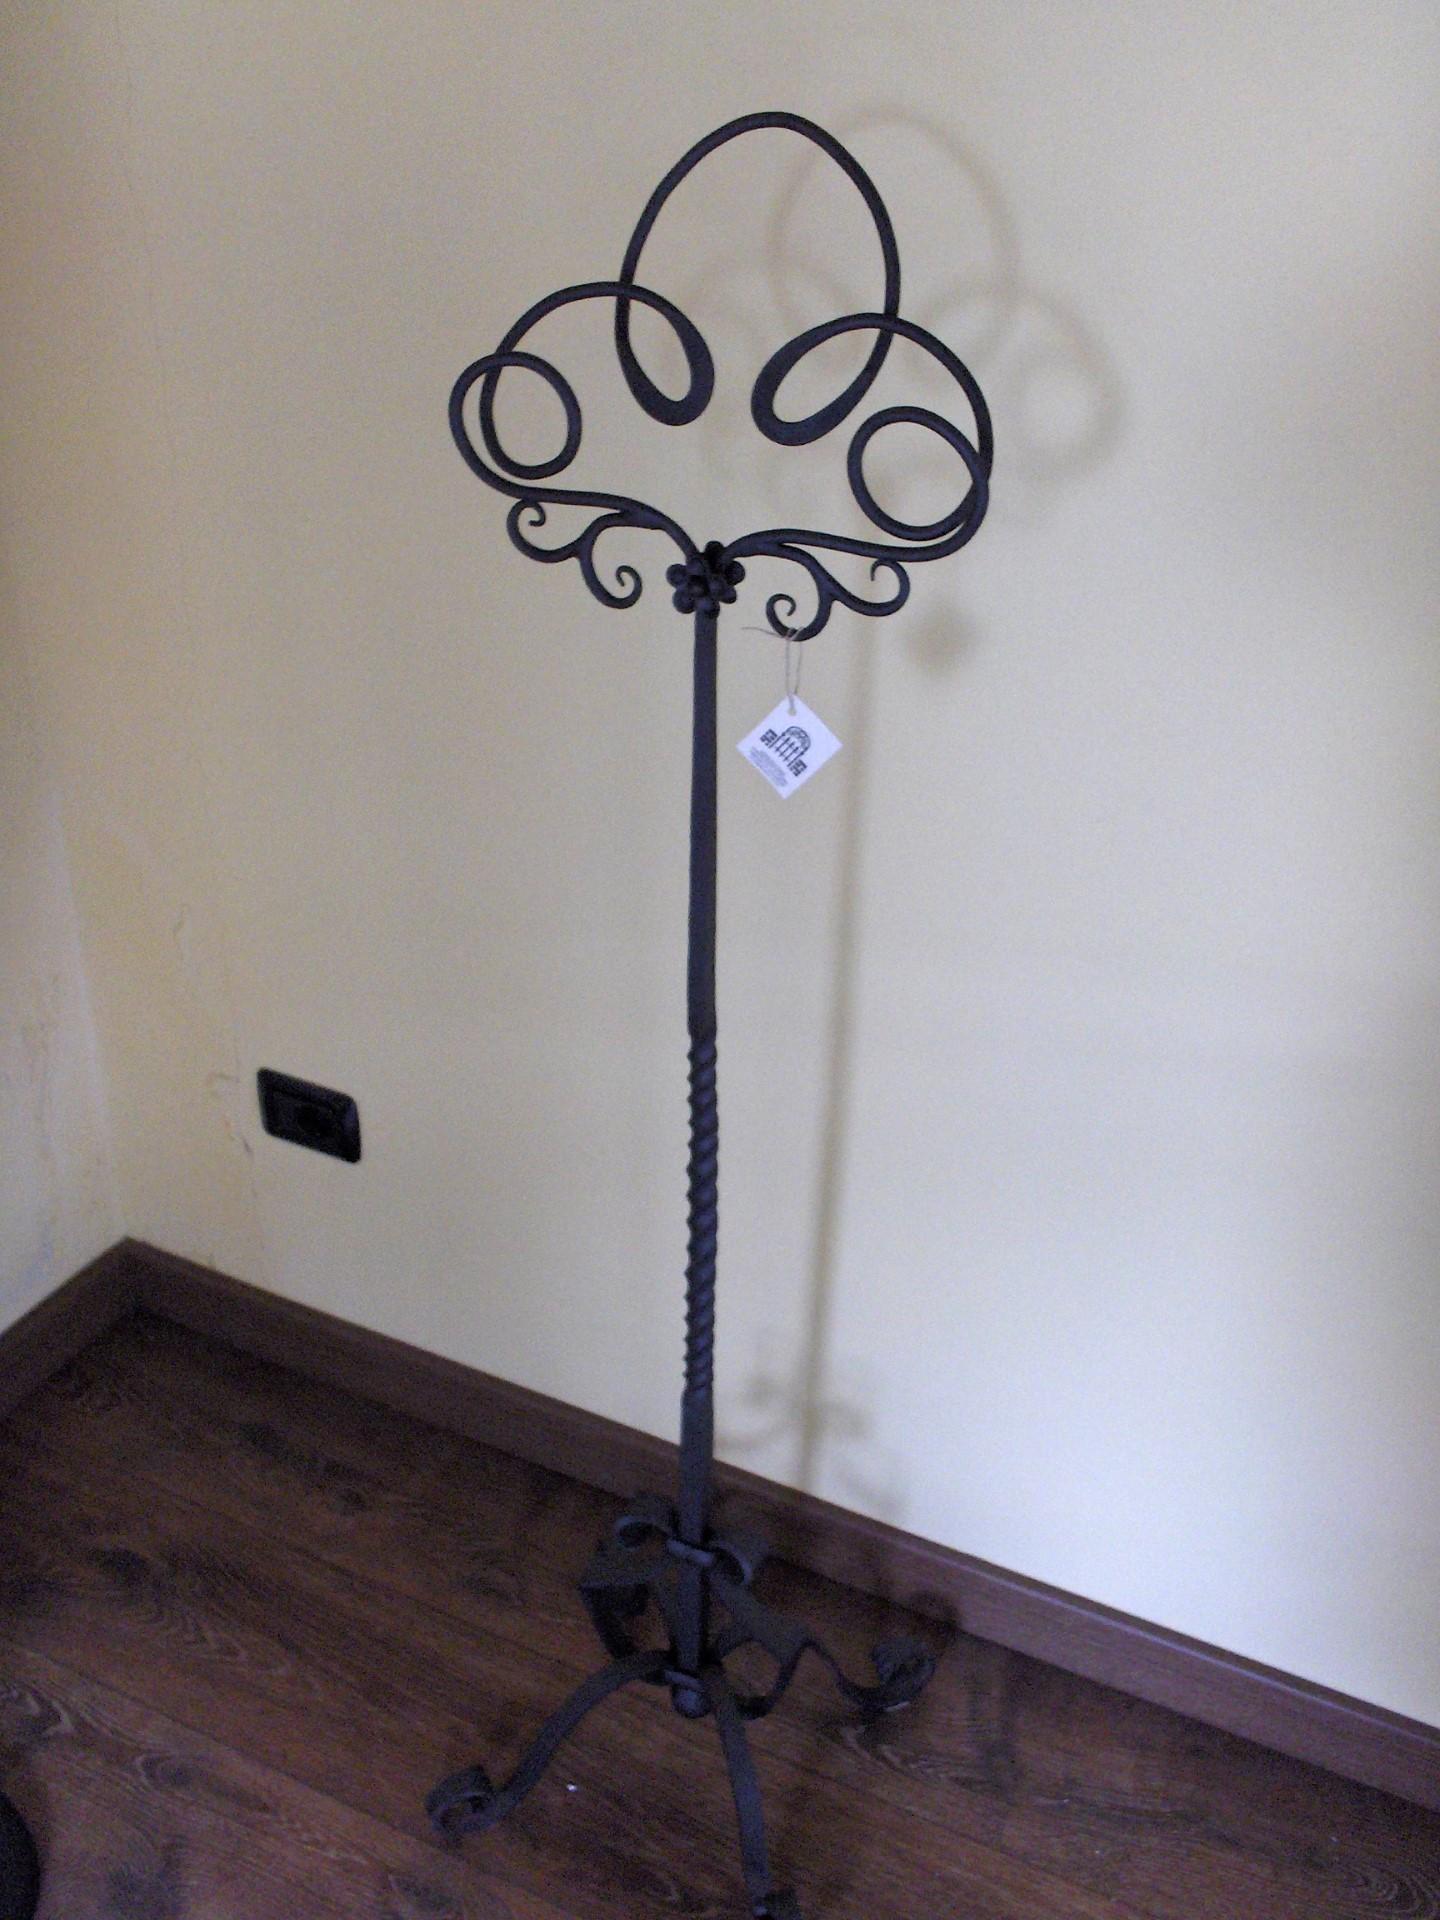 Oggetti vari in ferro battuto la casa del ferro battuto for Oggetti x la casa